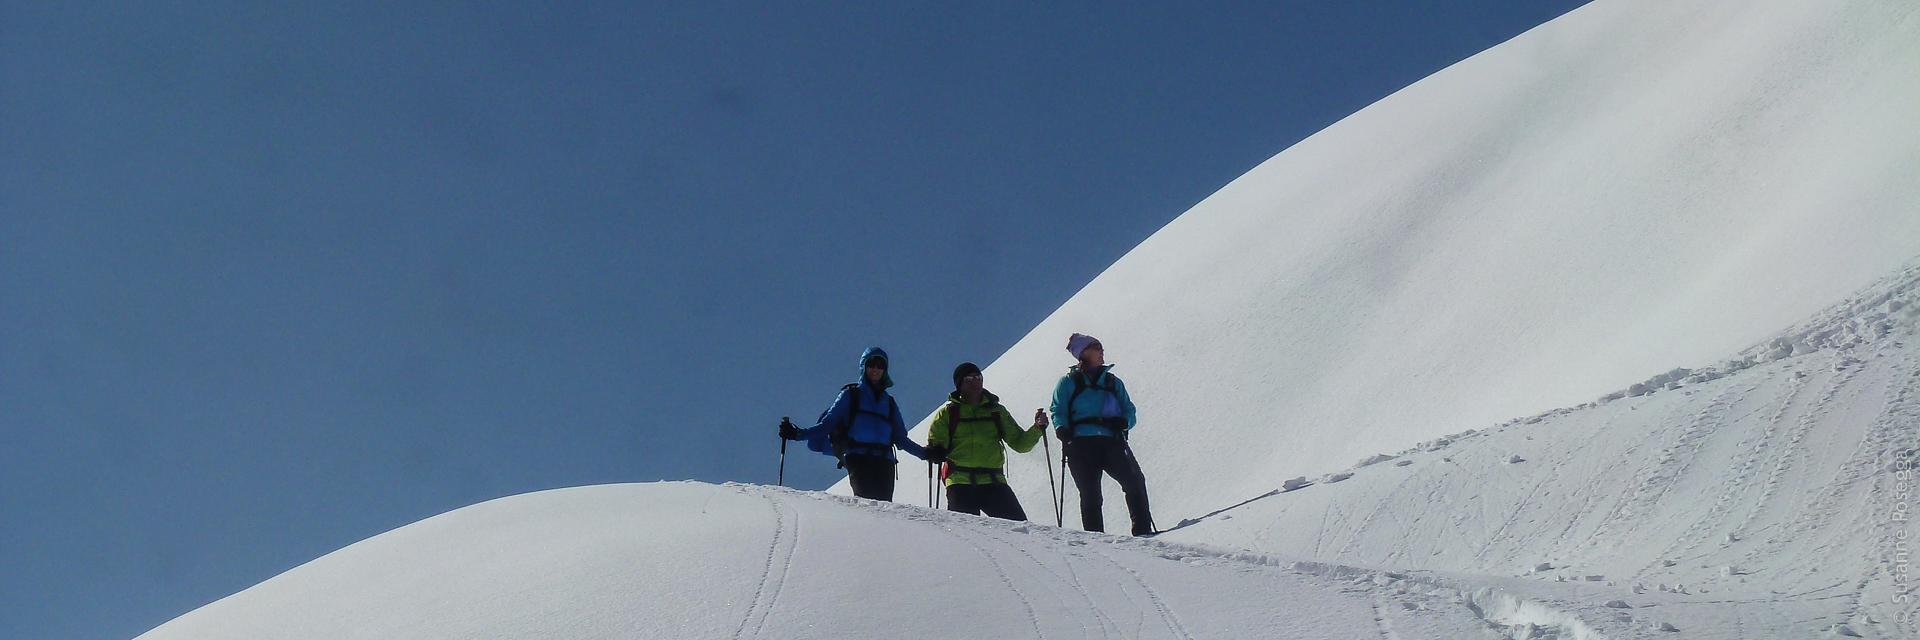 Schneeschuhwandern am Dachstein